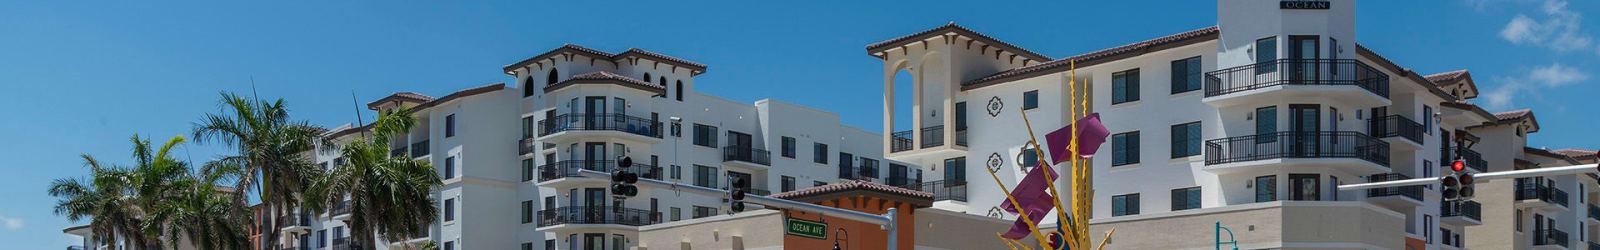 Photos of 500 OCEAN Apartments in Boynton Beach, FL